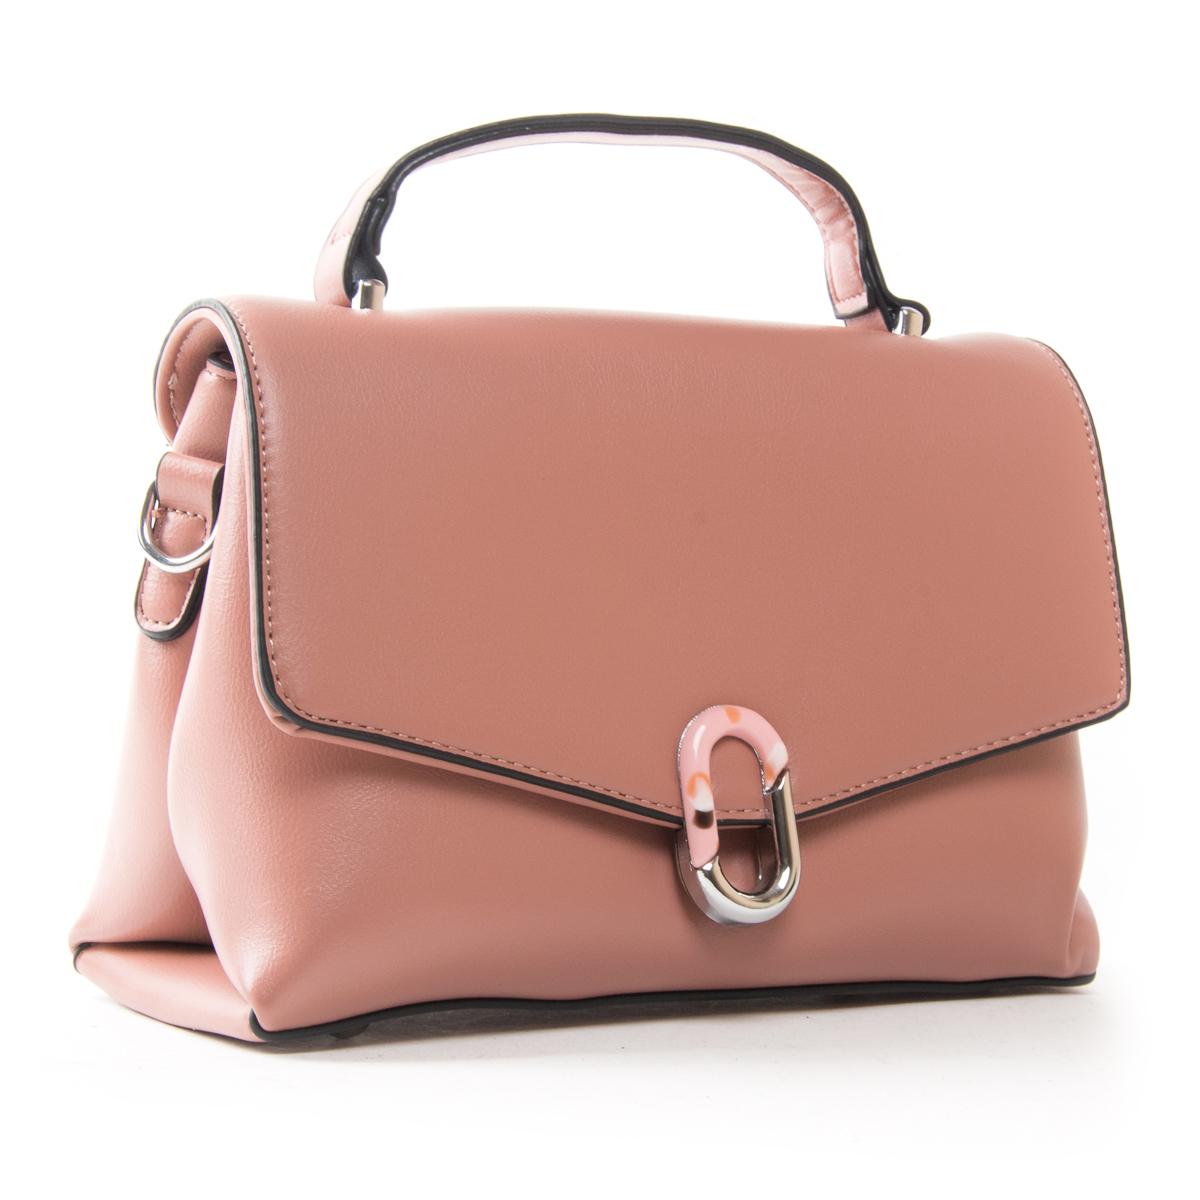 Сумка Женская Классическая иск-кожа FASHION 01-00 701 pink